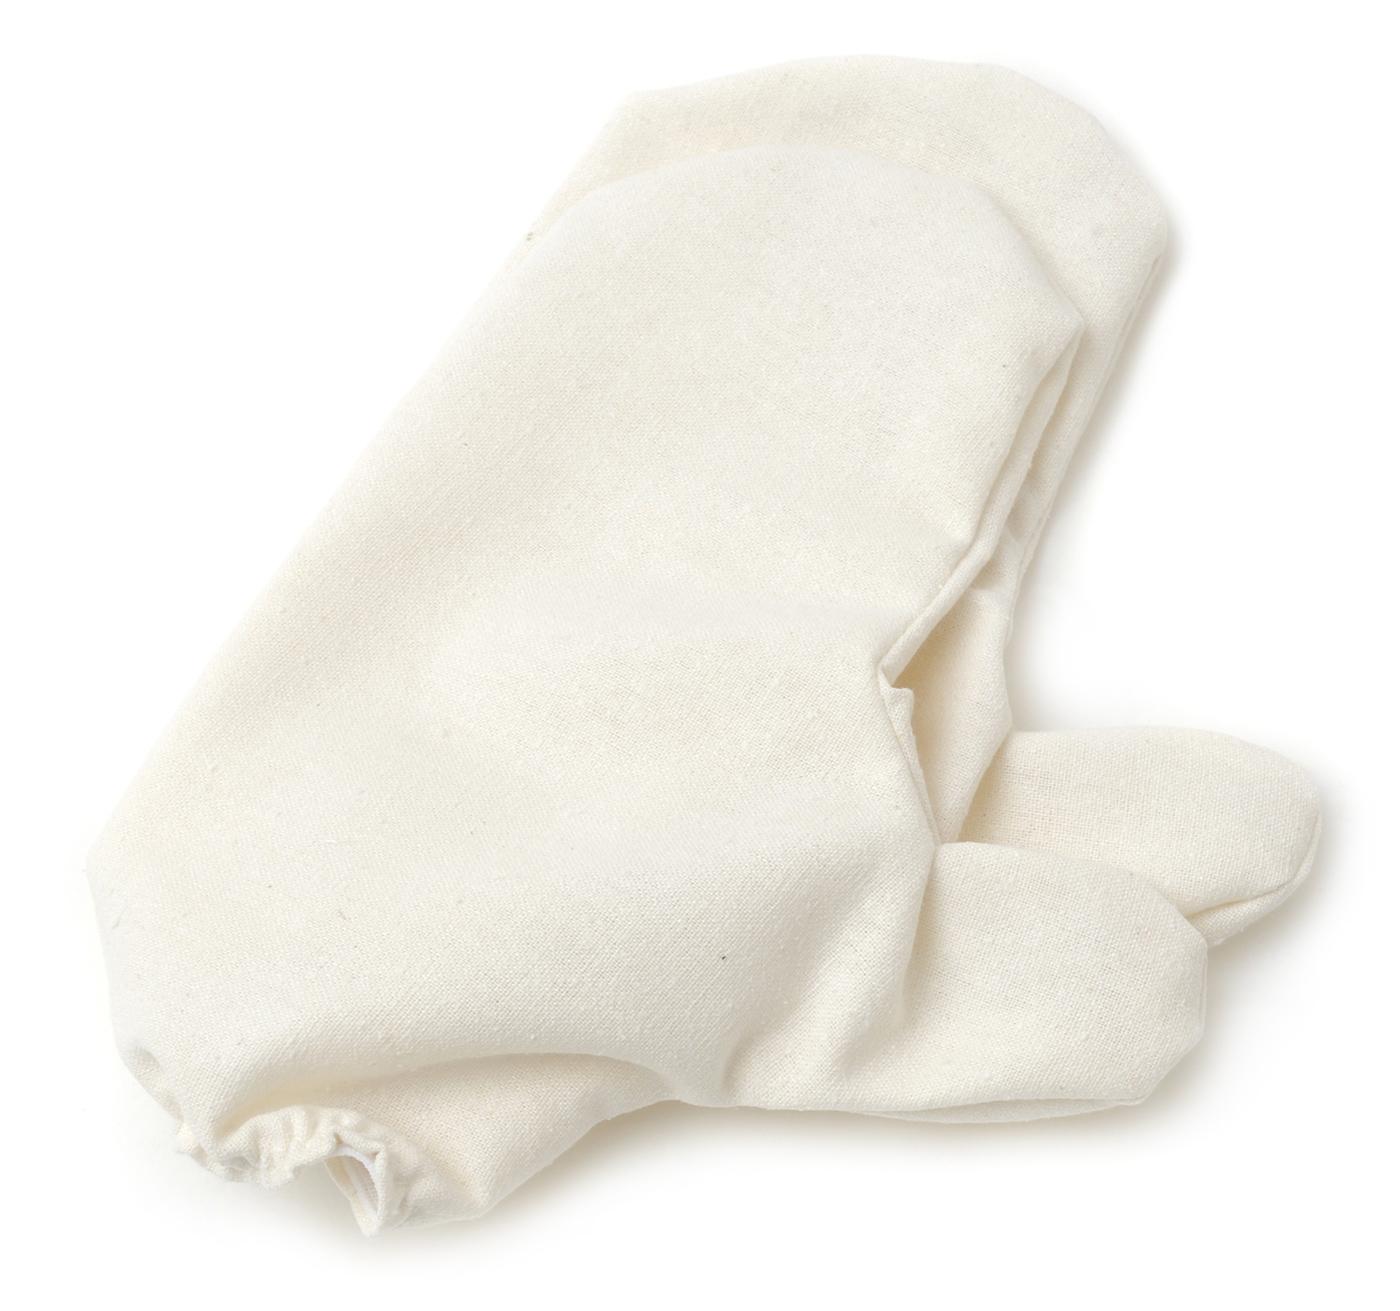 Massagehandschuhe aus Rohseide (1 Paar)